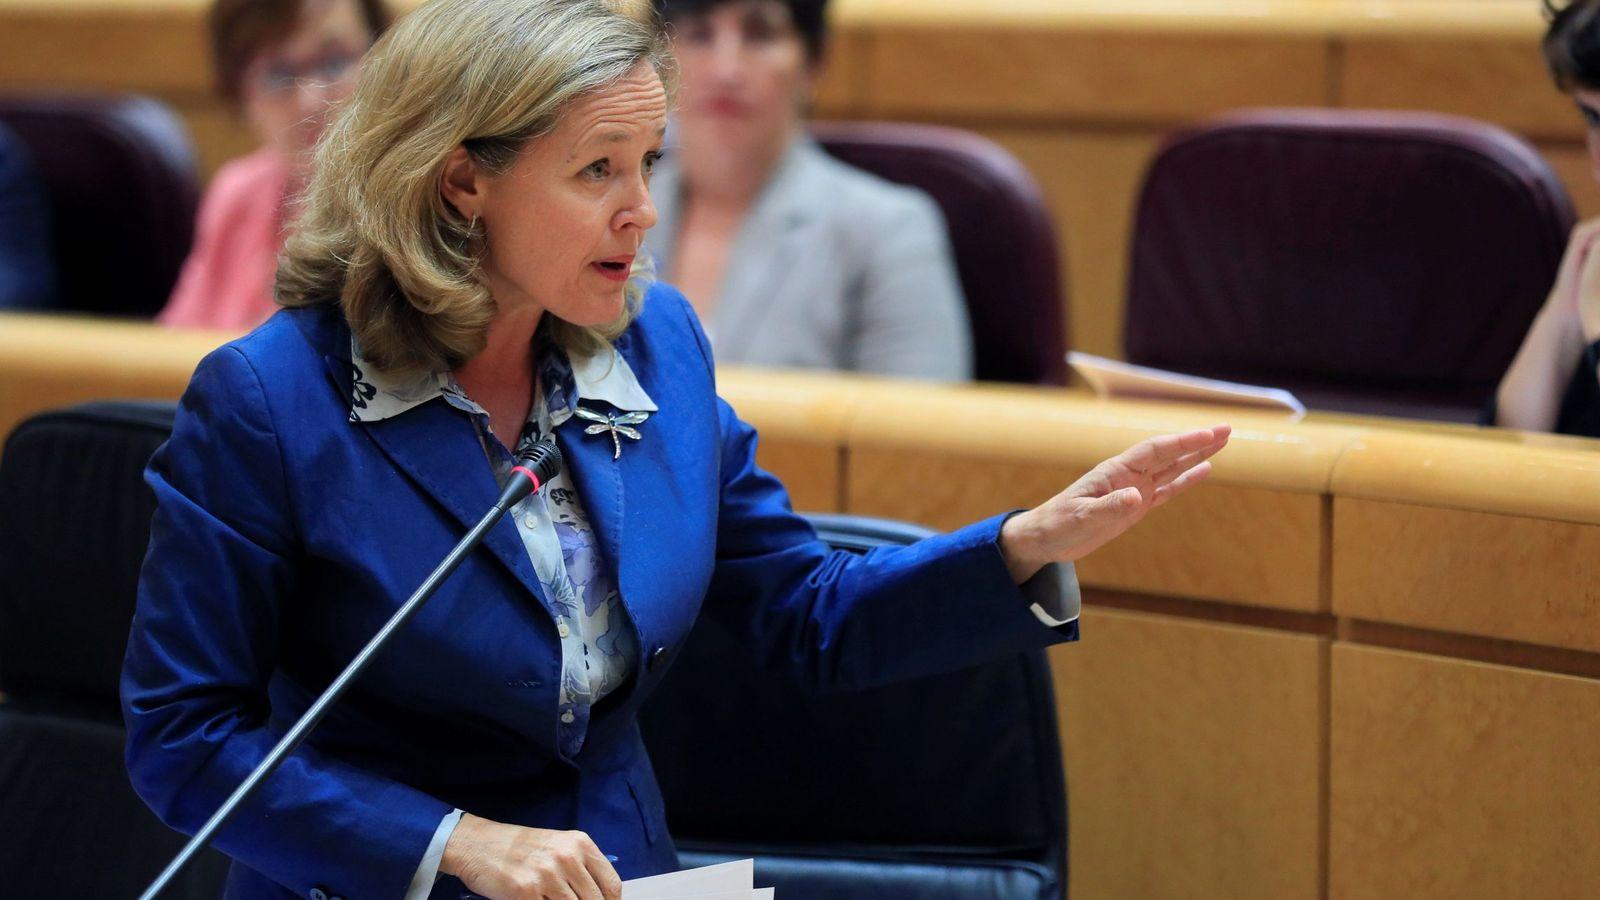 Foto: La ministra de Economía y Empresa en funciones, Nadia Calviño. (EFE)